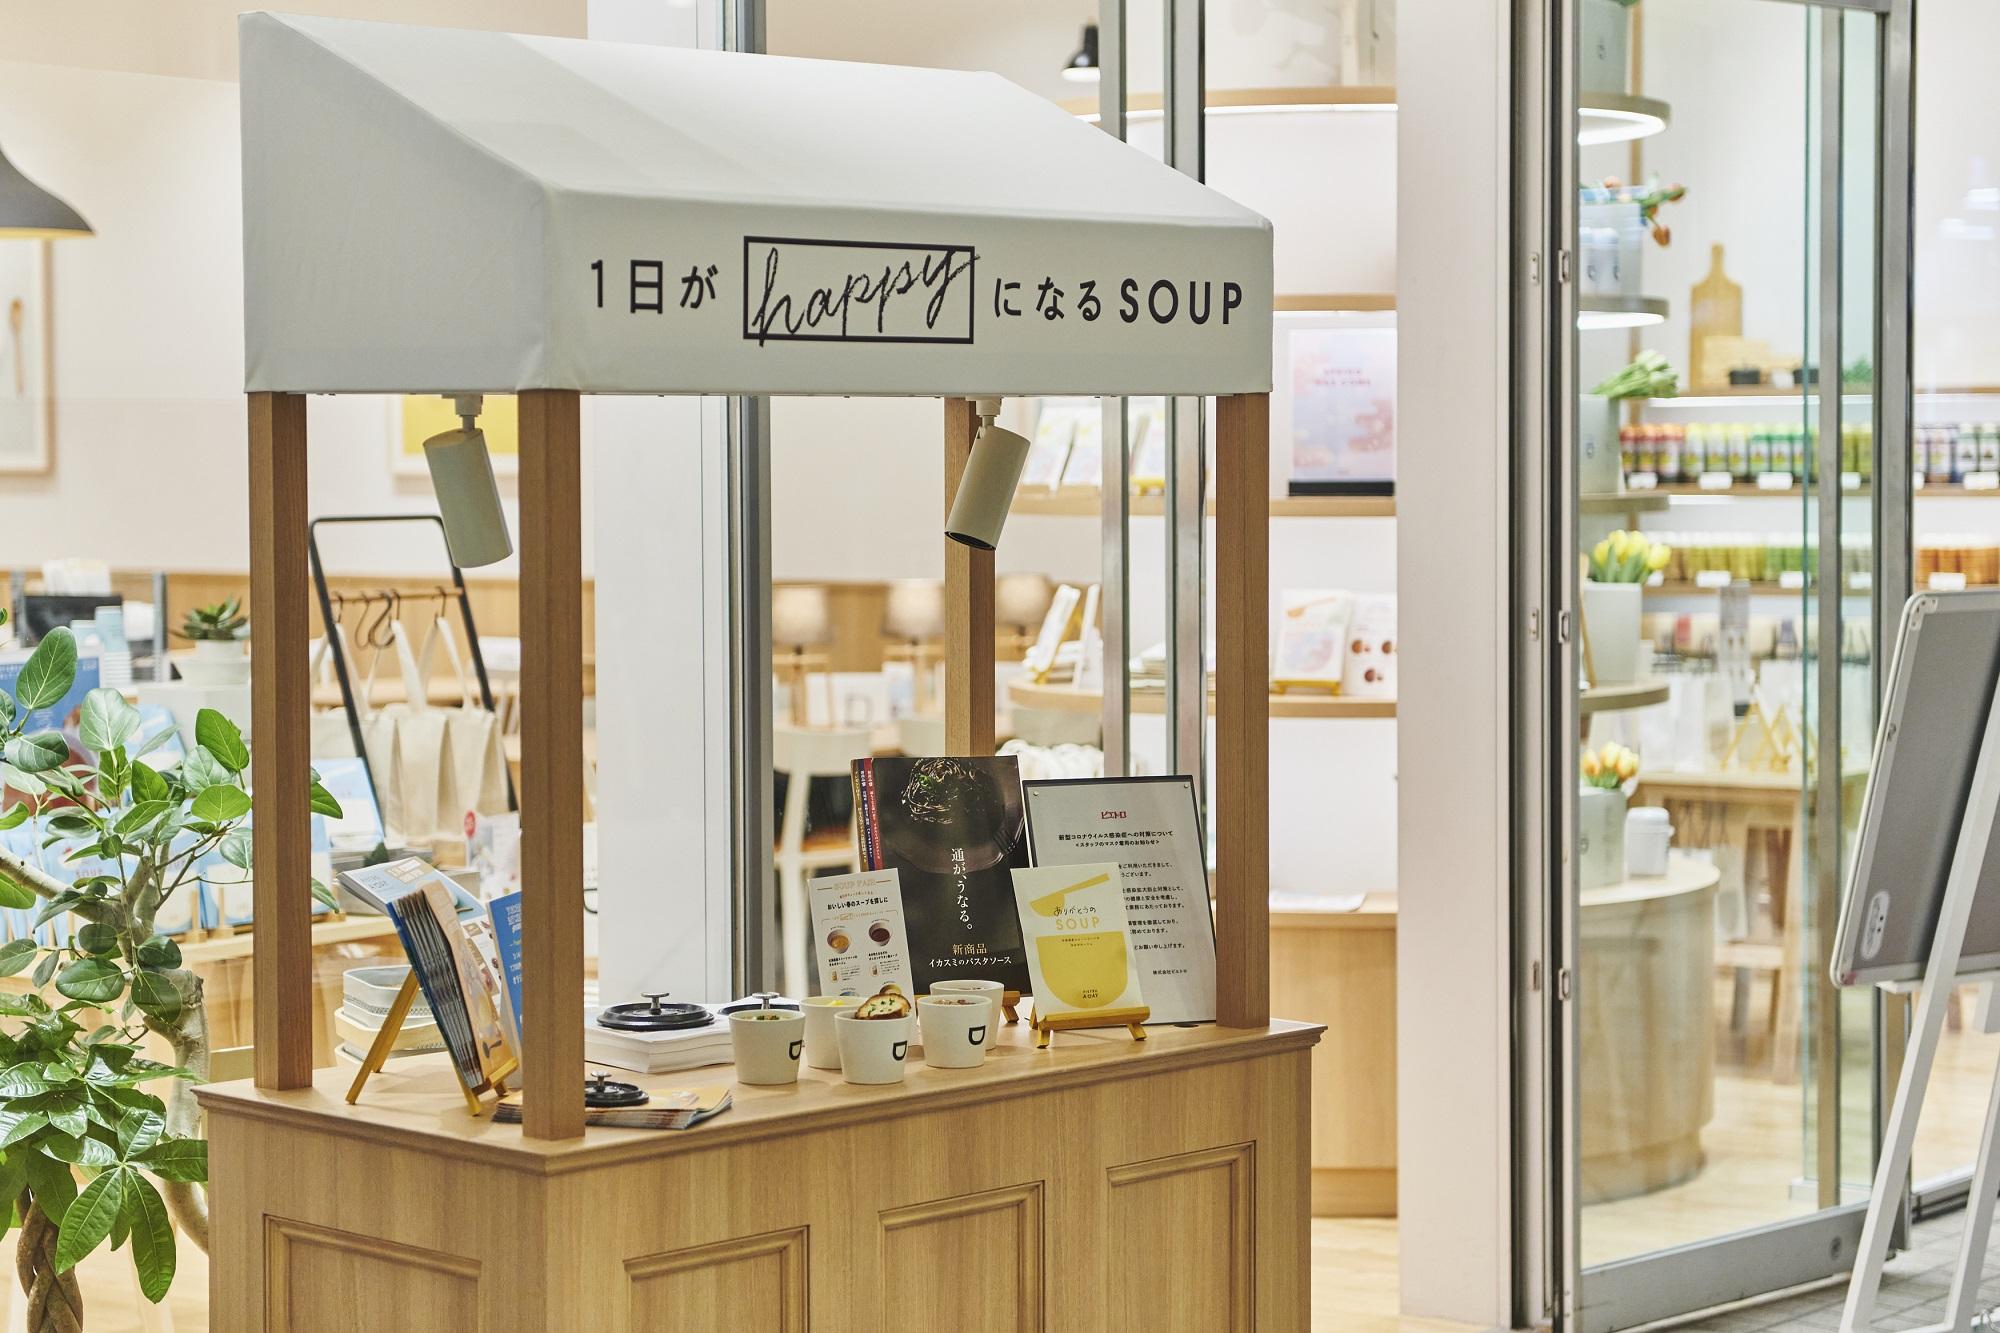 PIETRO A DAY 横浜ベイクォーター店